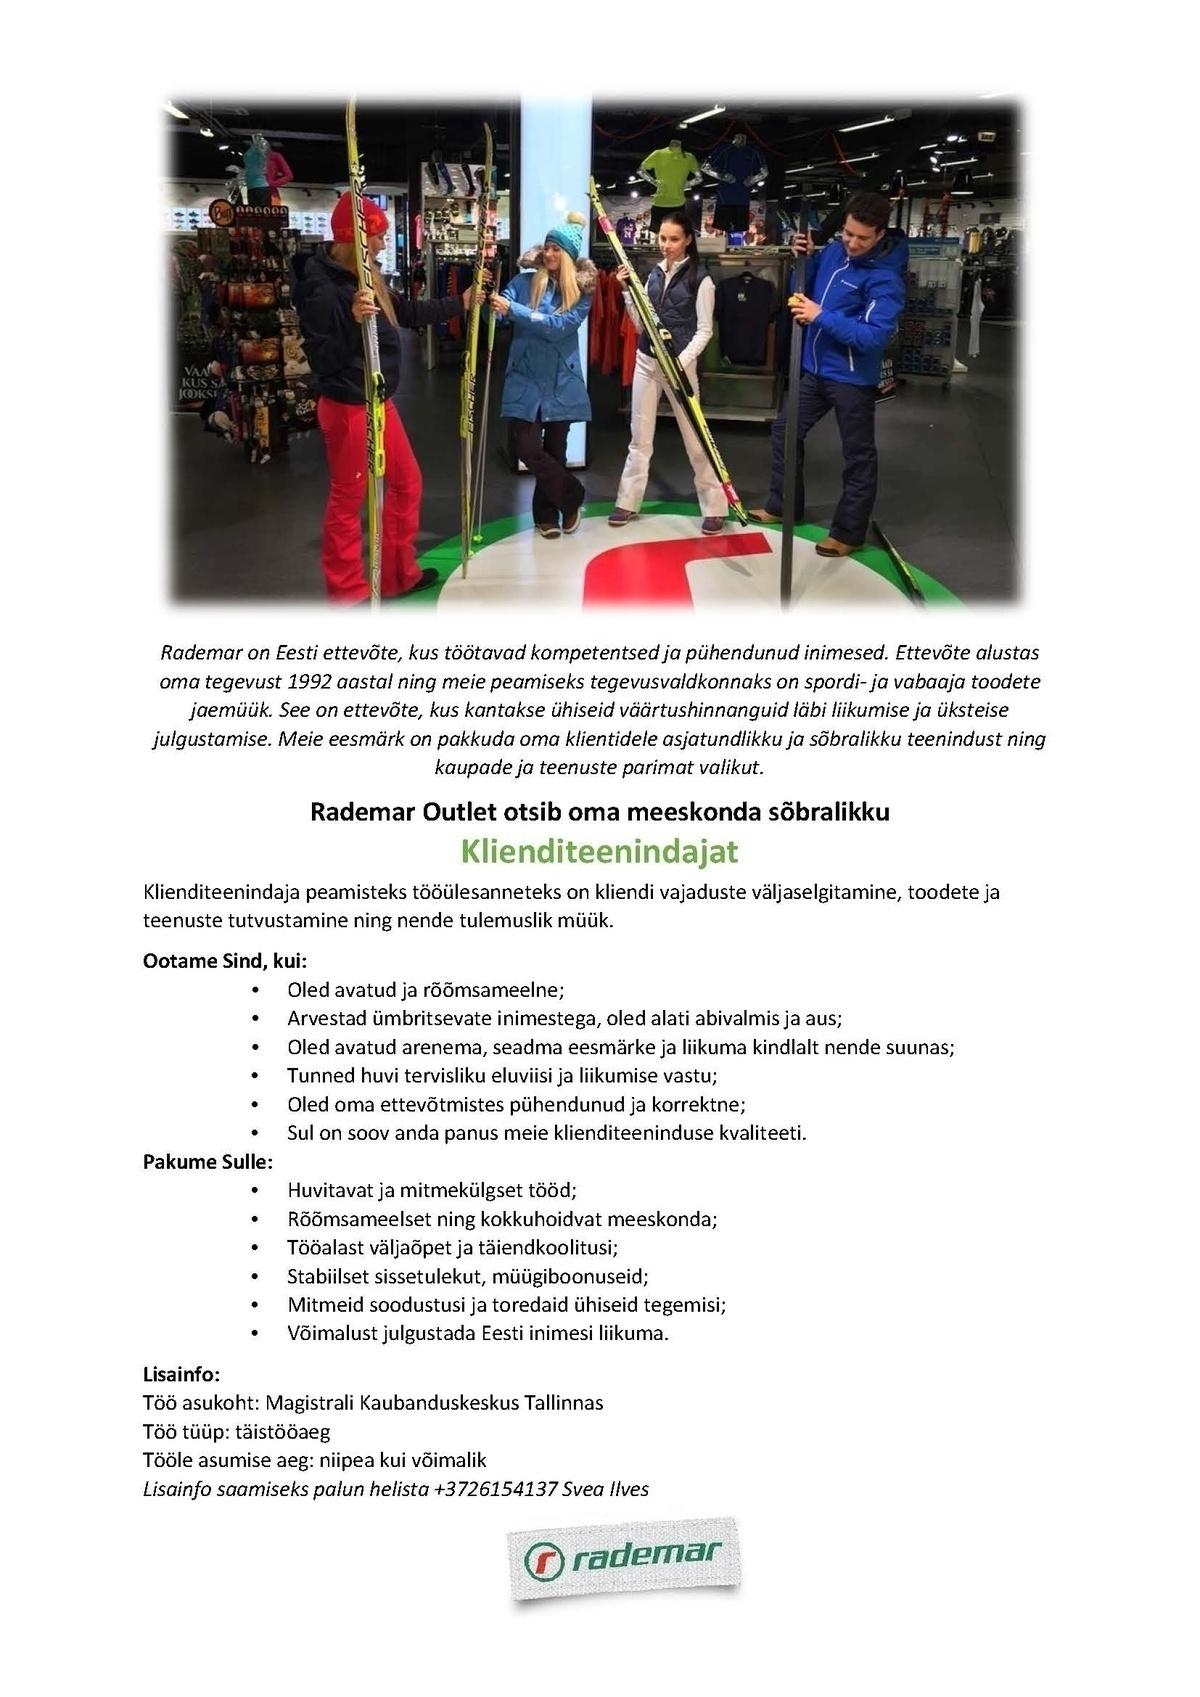 94e53c8541b CV Keskus tööpakkumine Rademar Outlet klienditeenindaja